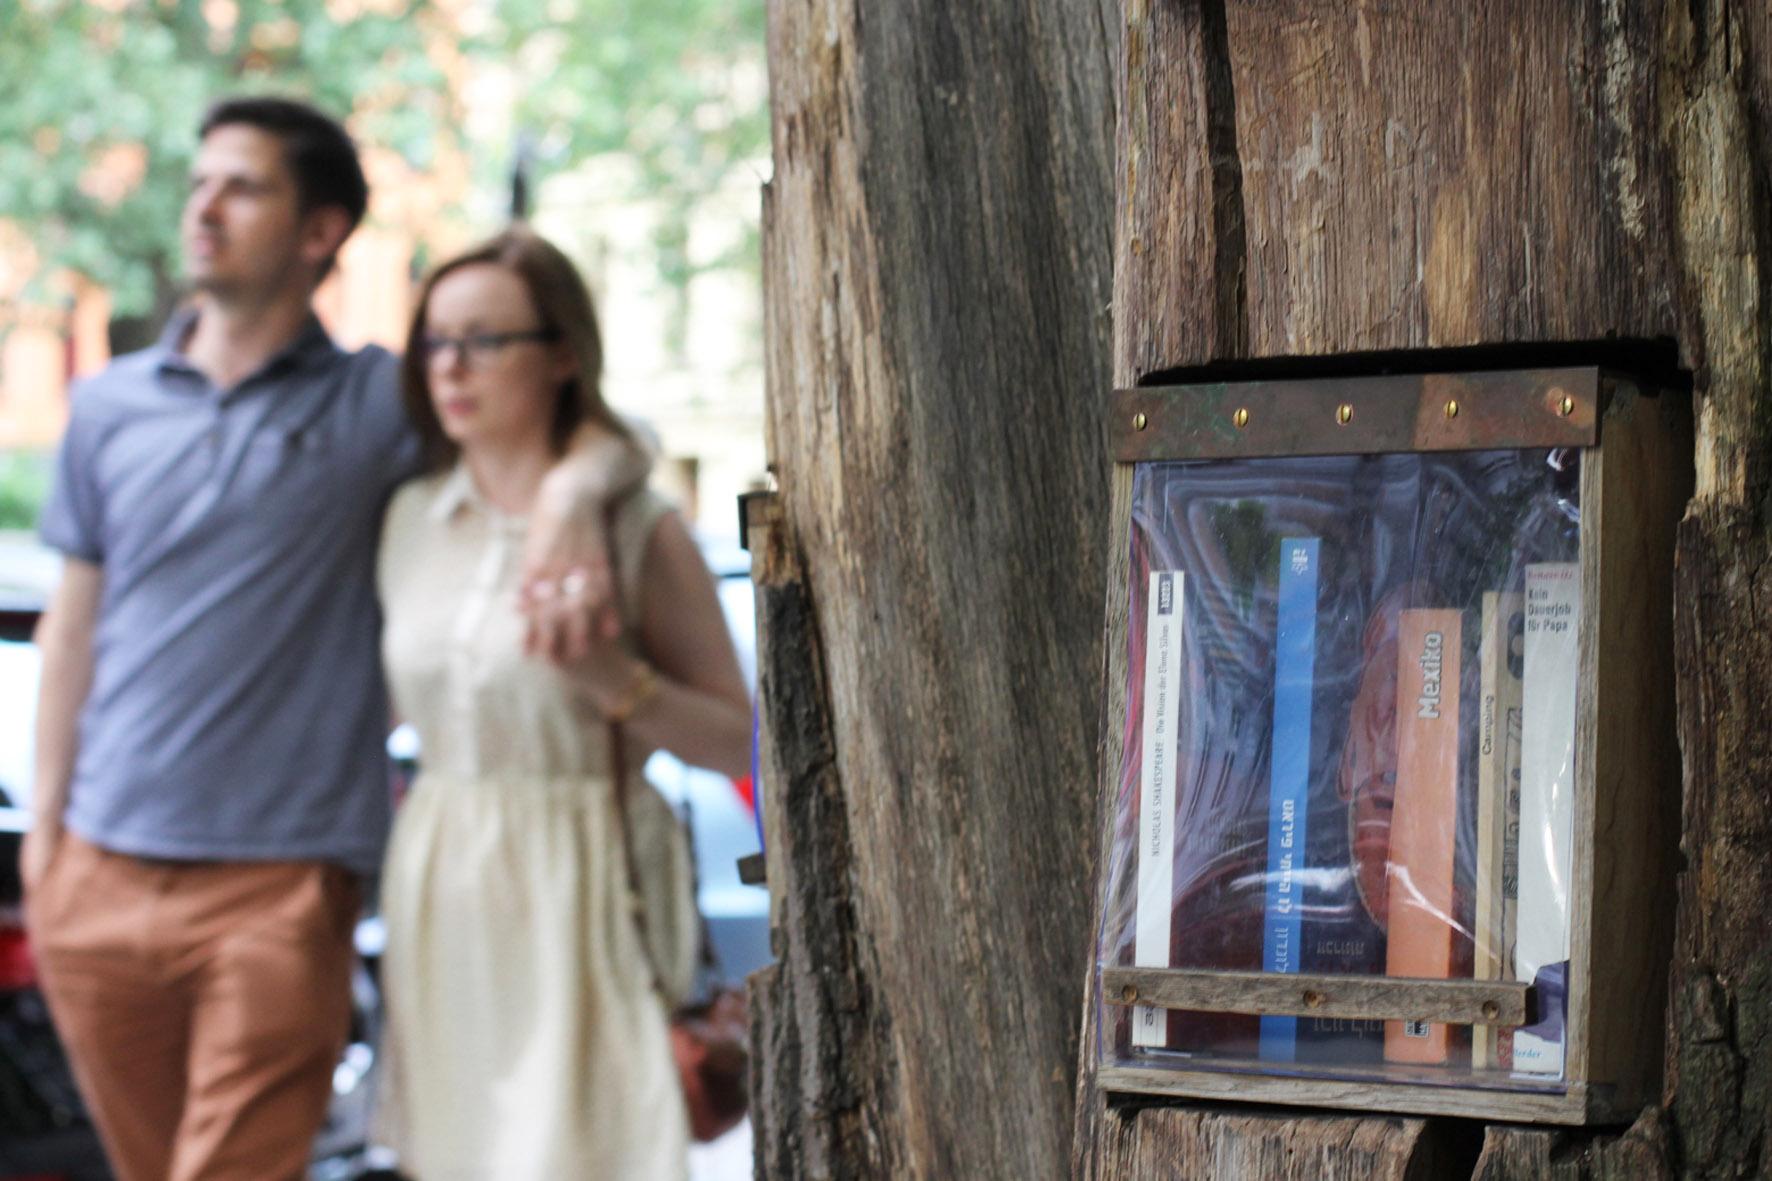 Ein Pärchen läuft an dem Bücherwald vorbei - Eine Bibliothek mit Regalen, die in Stämme geschnitzt sind, die zusammen verschraubt wurden, um einem Baum zu ähneln - auf der Sredzkistrasse in Berlin Prenzlauer Berg